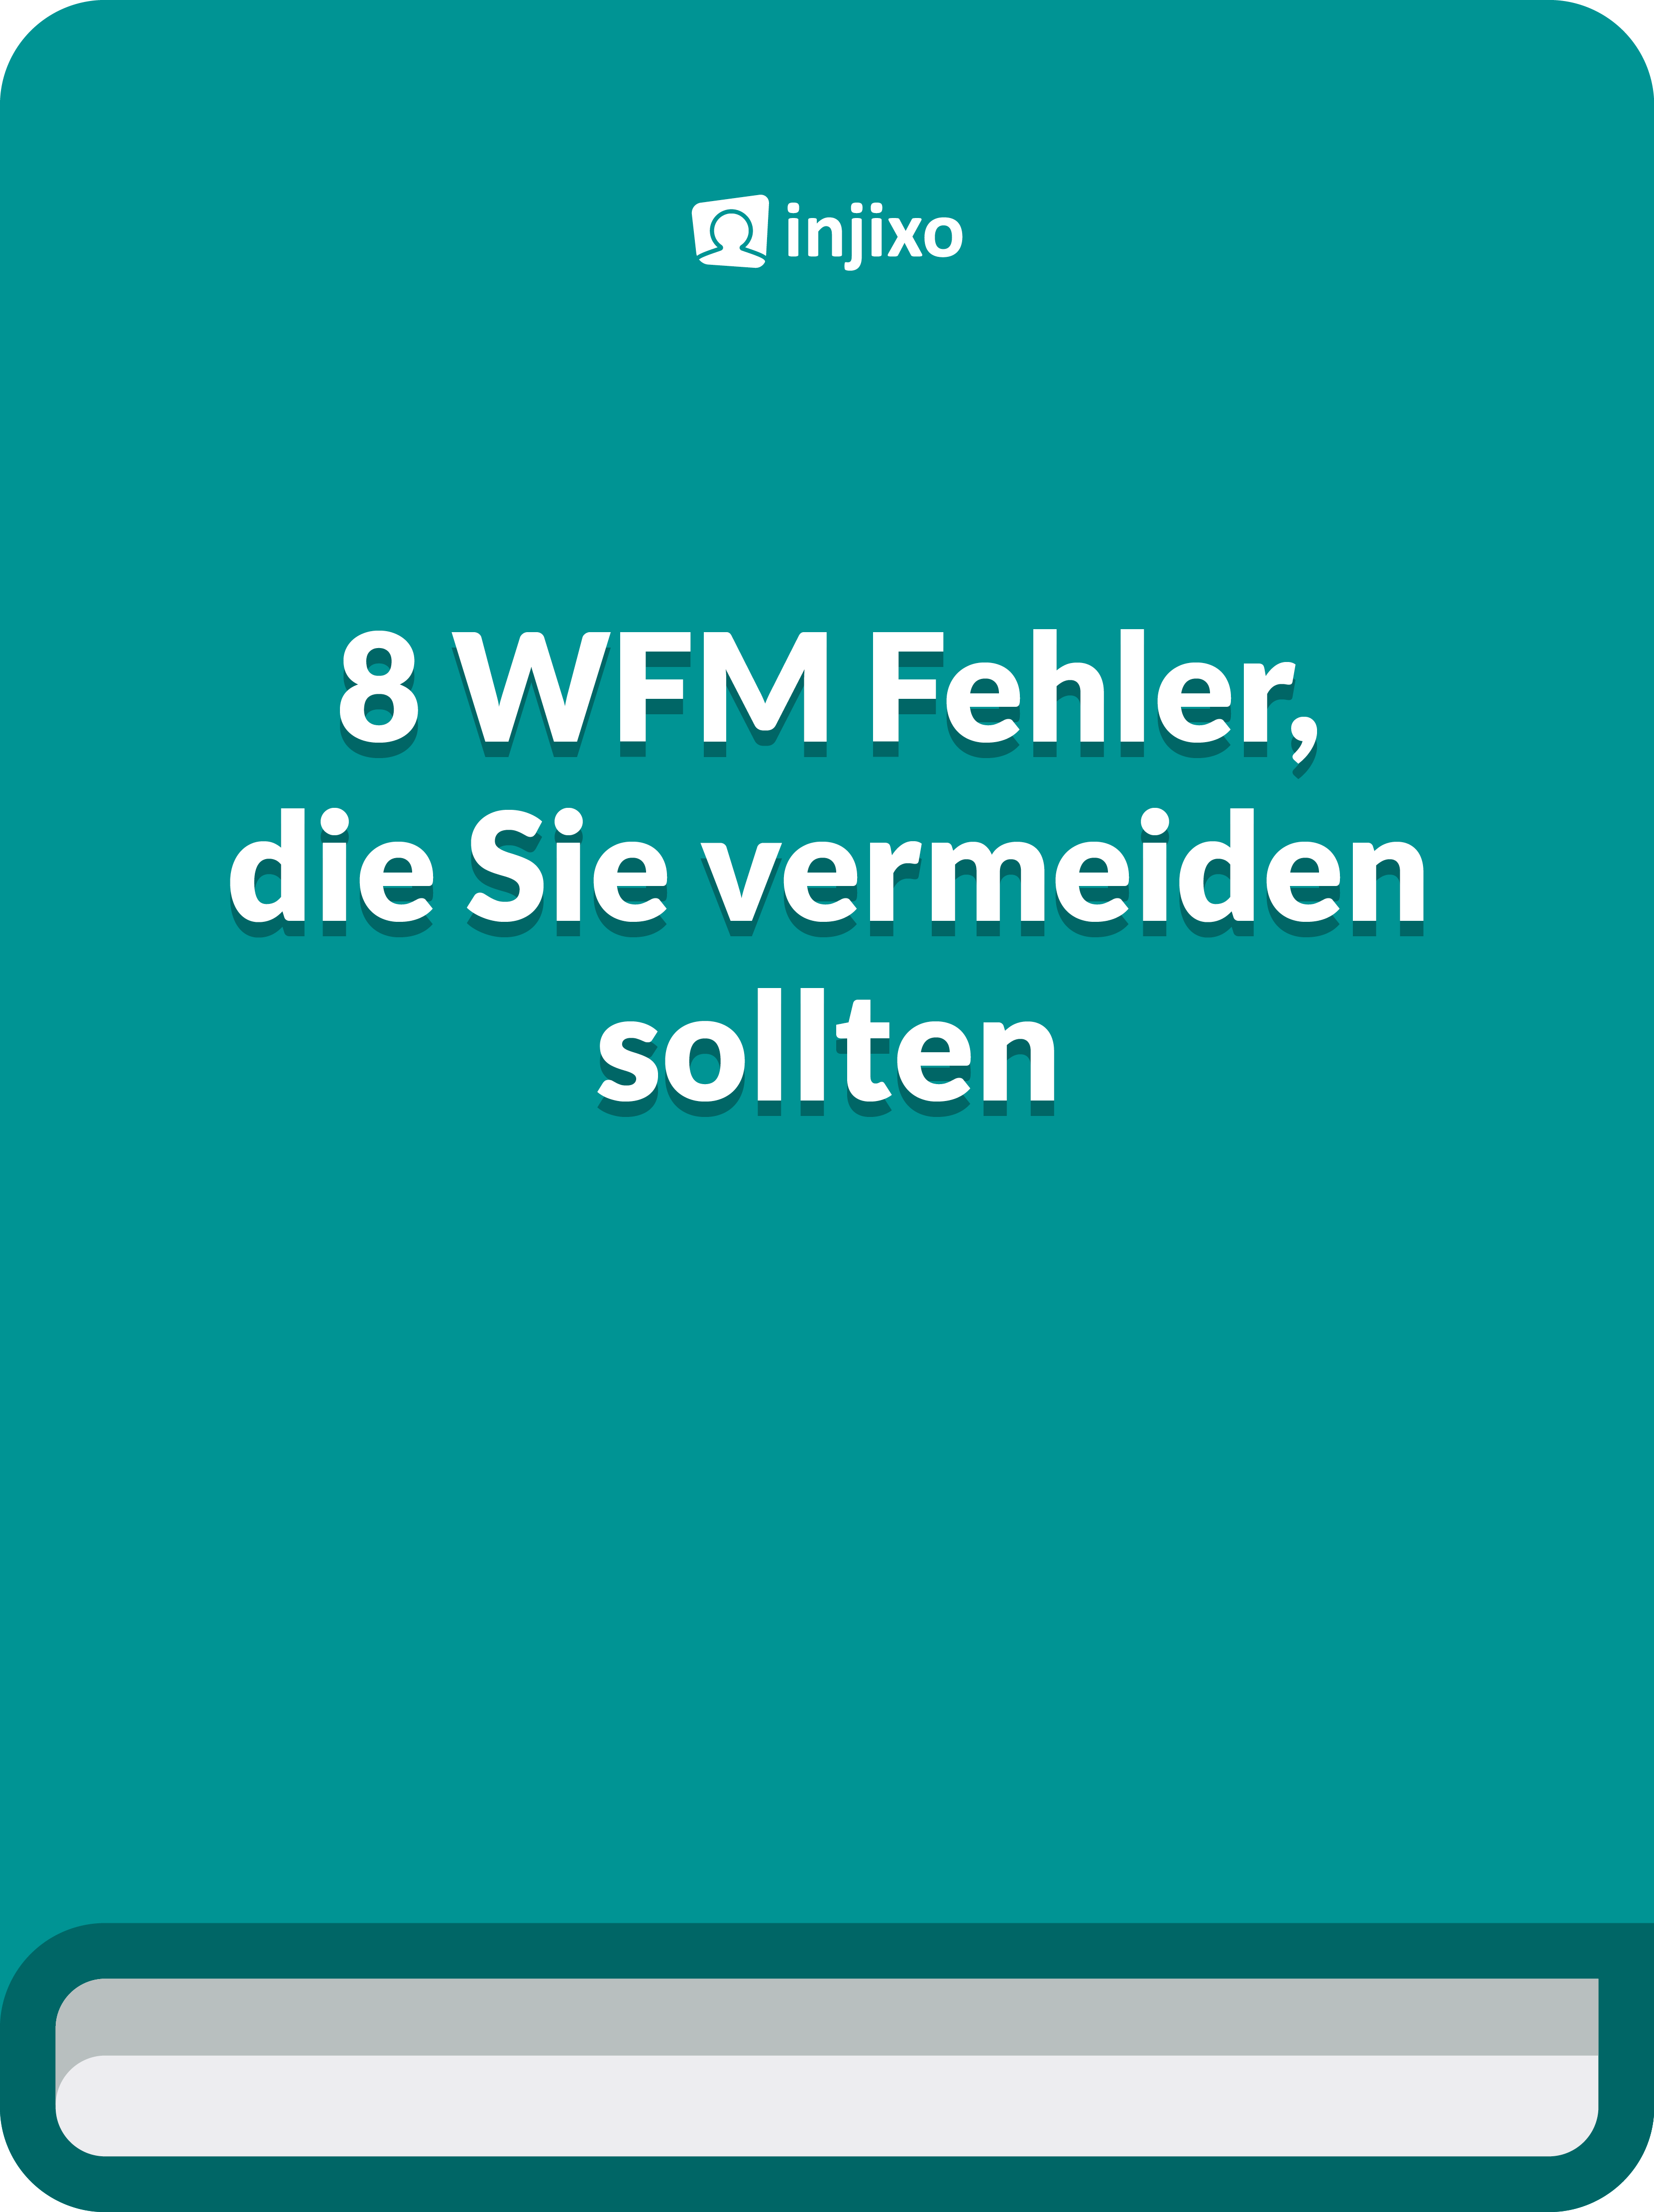 8 WFM-Fehler, die Sie vermeiden sollten